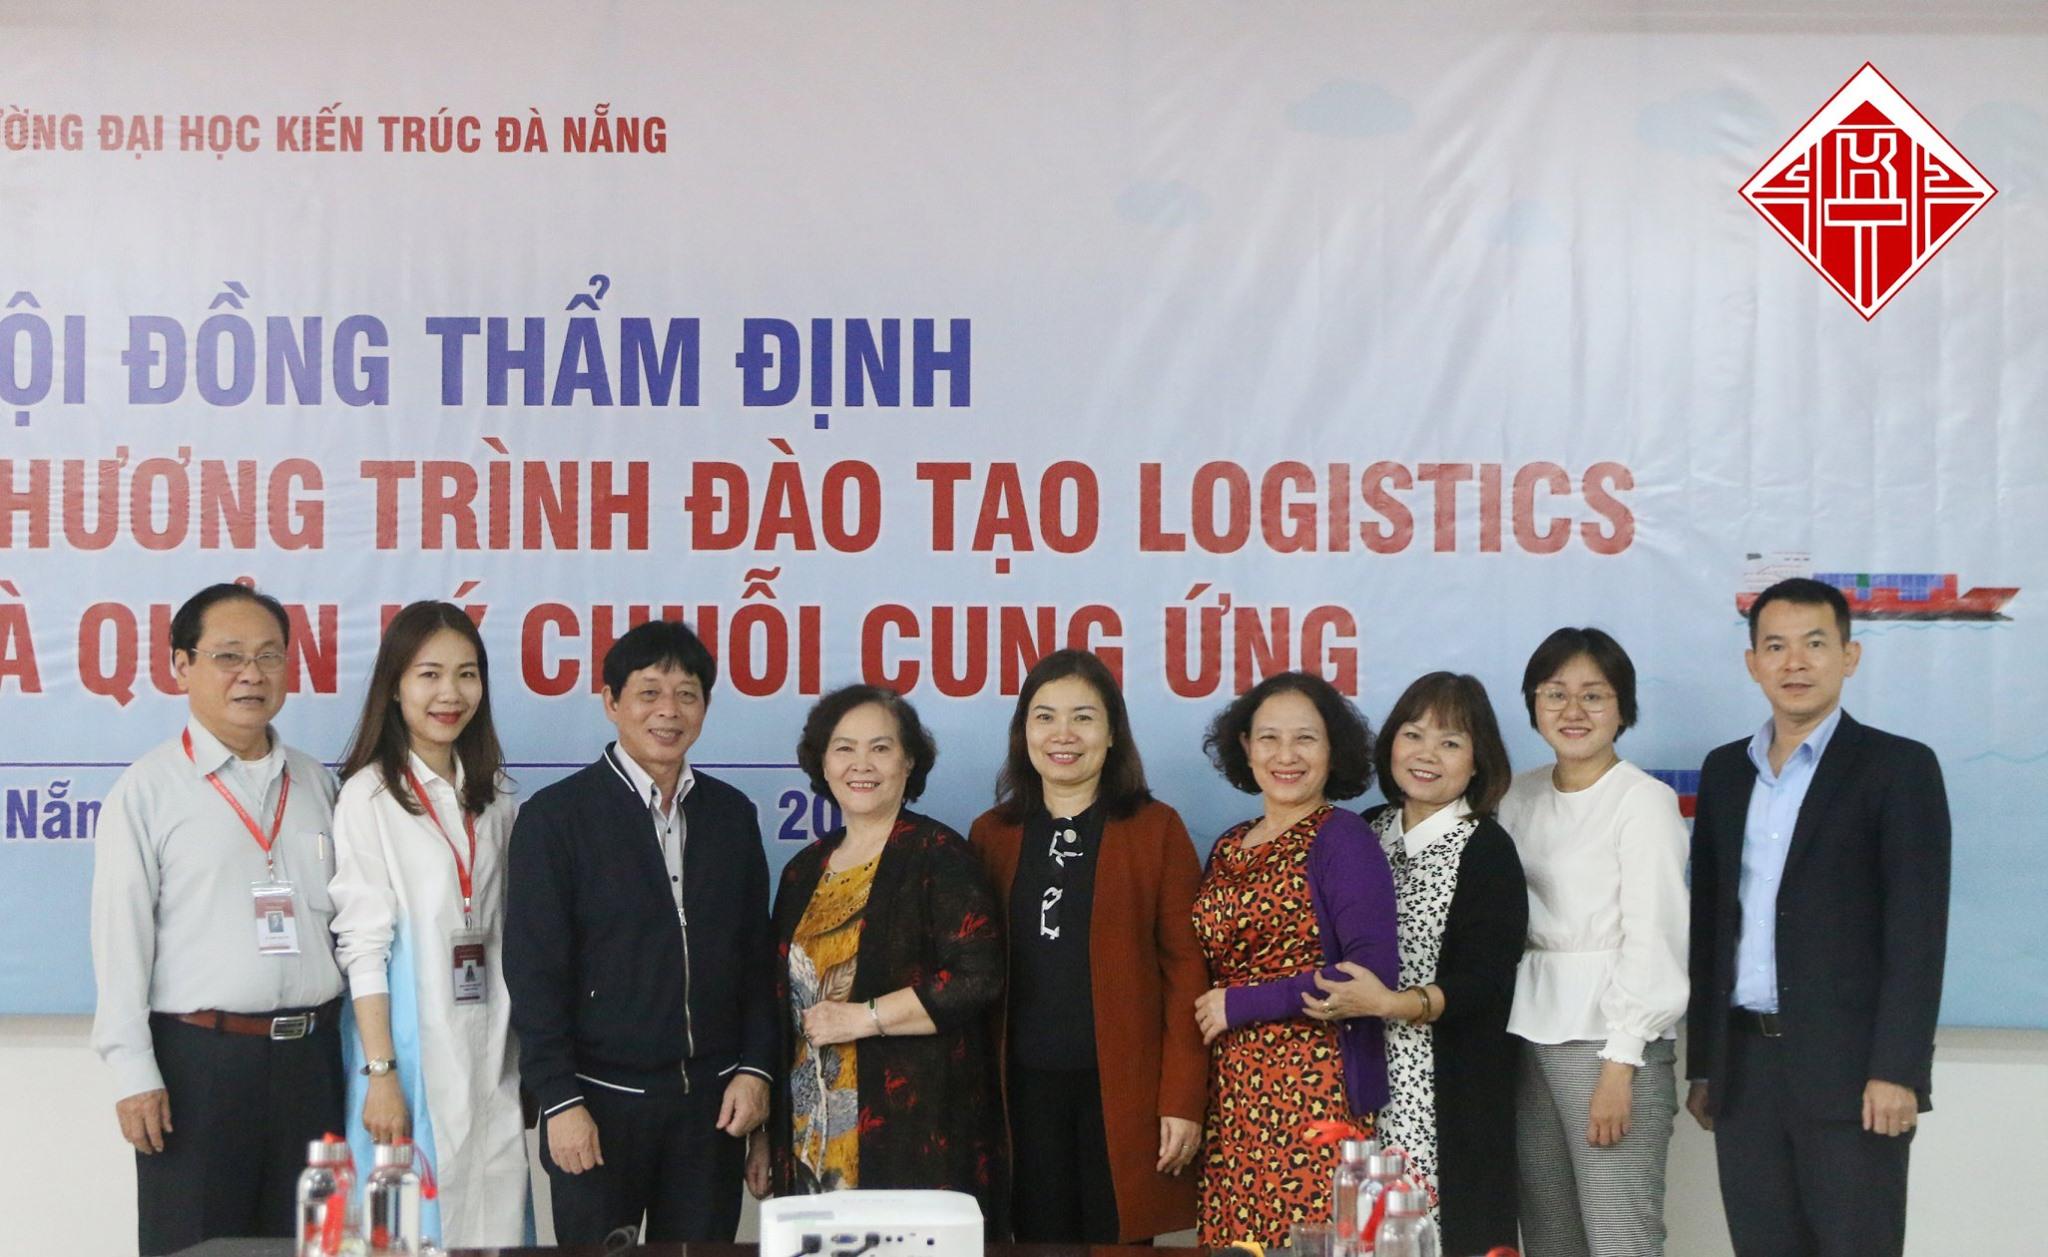 Chương trình đào tạo ngành Logistics và quản lý chuỗi cung ứng của D.a.u được Hội đồng thẩm định thống nhất thông qua